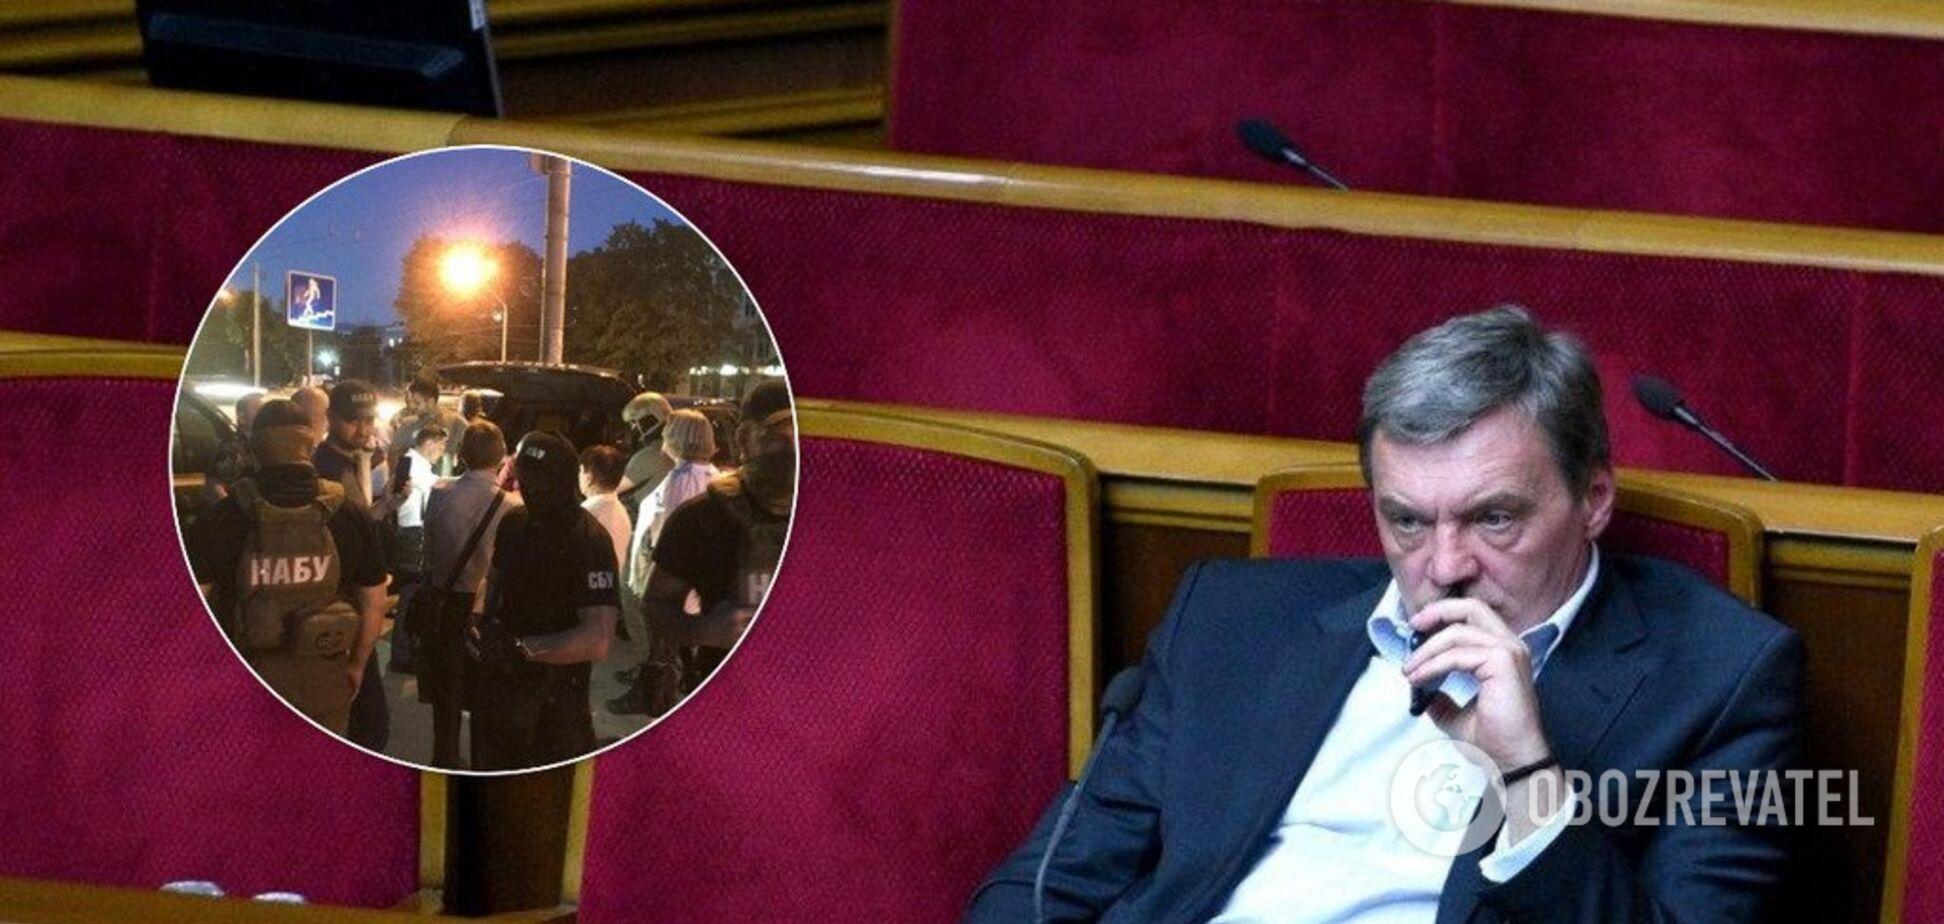 В суде без шансов: что не так с делом Грымчака